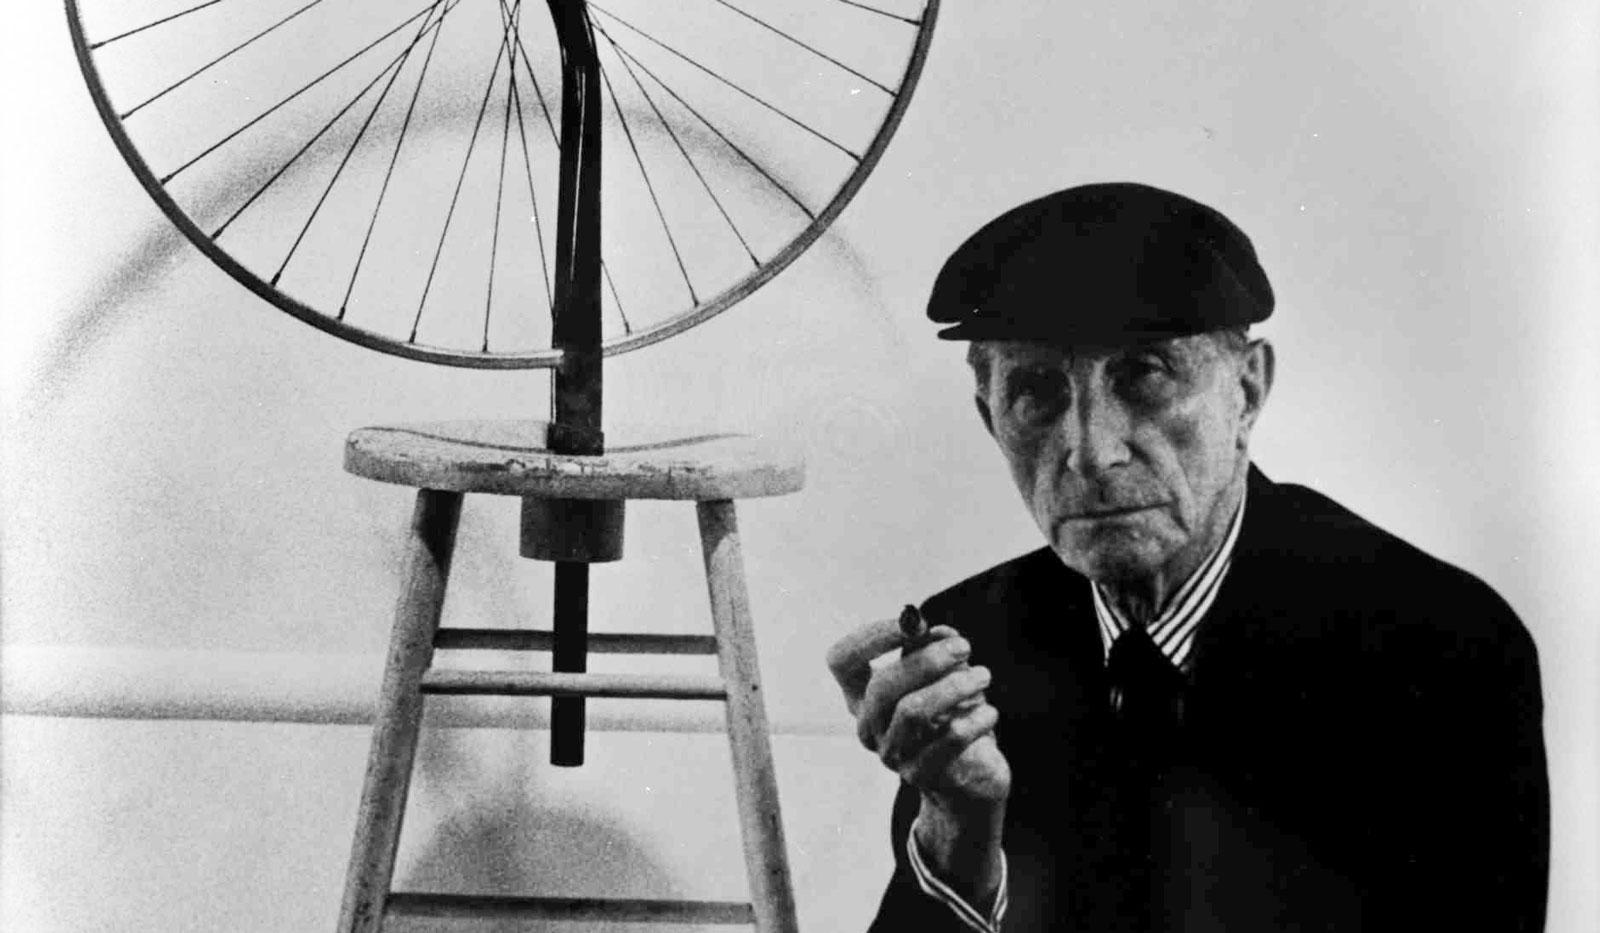 Марсель Дюшан и его работа «Велосипедное колесо»